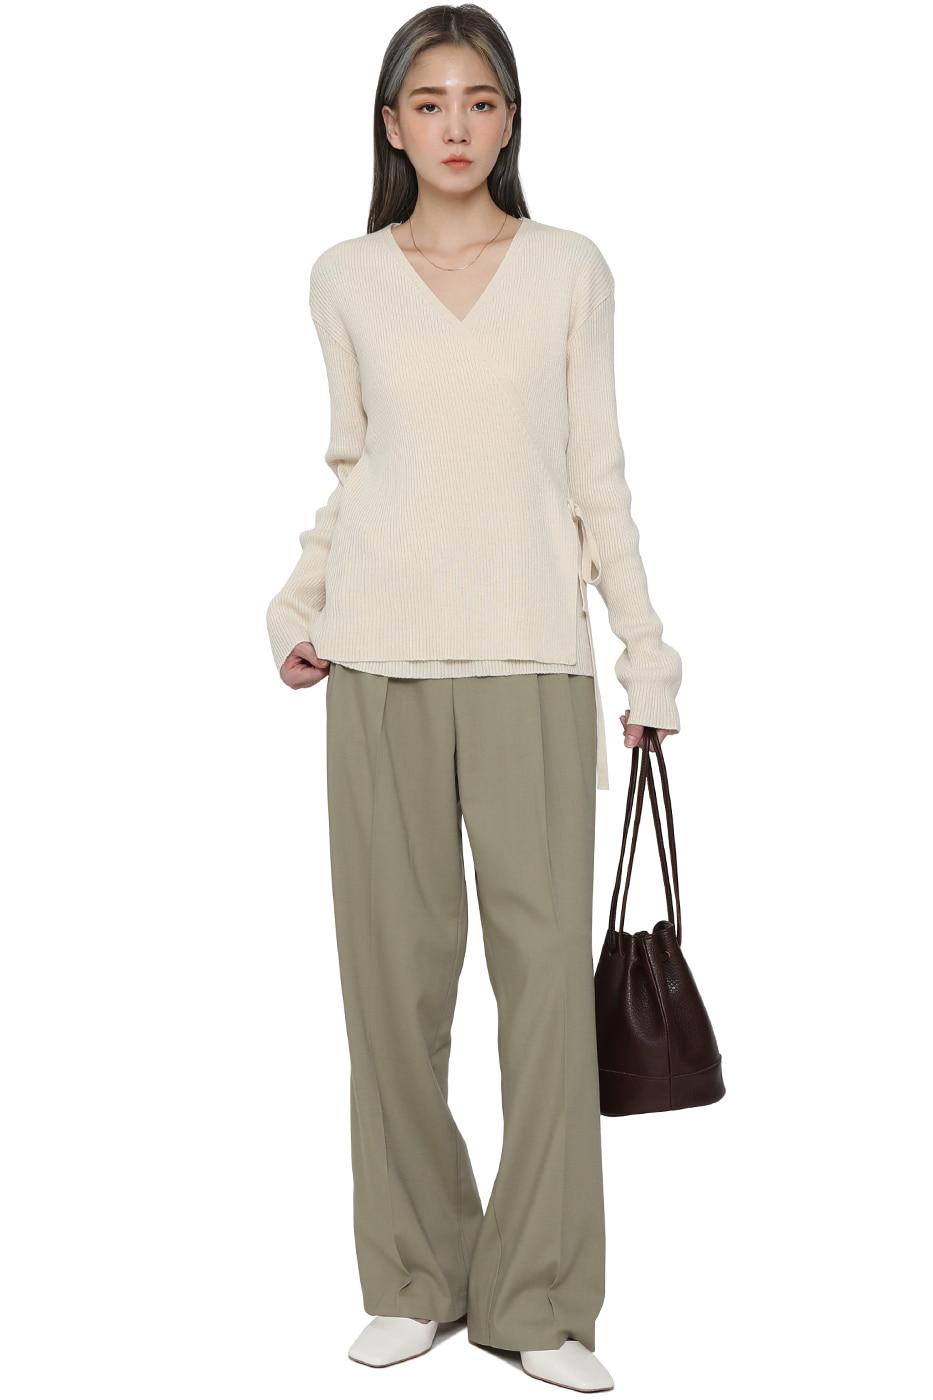 Sophia Wrap Knitwear Top